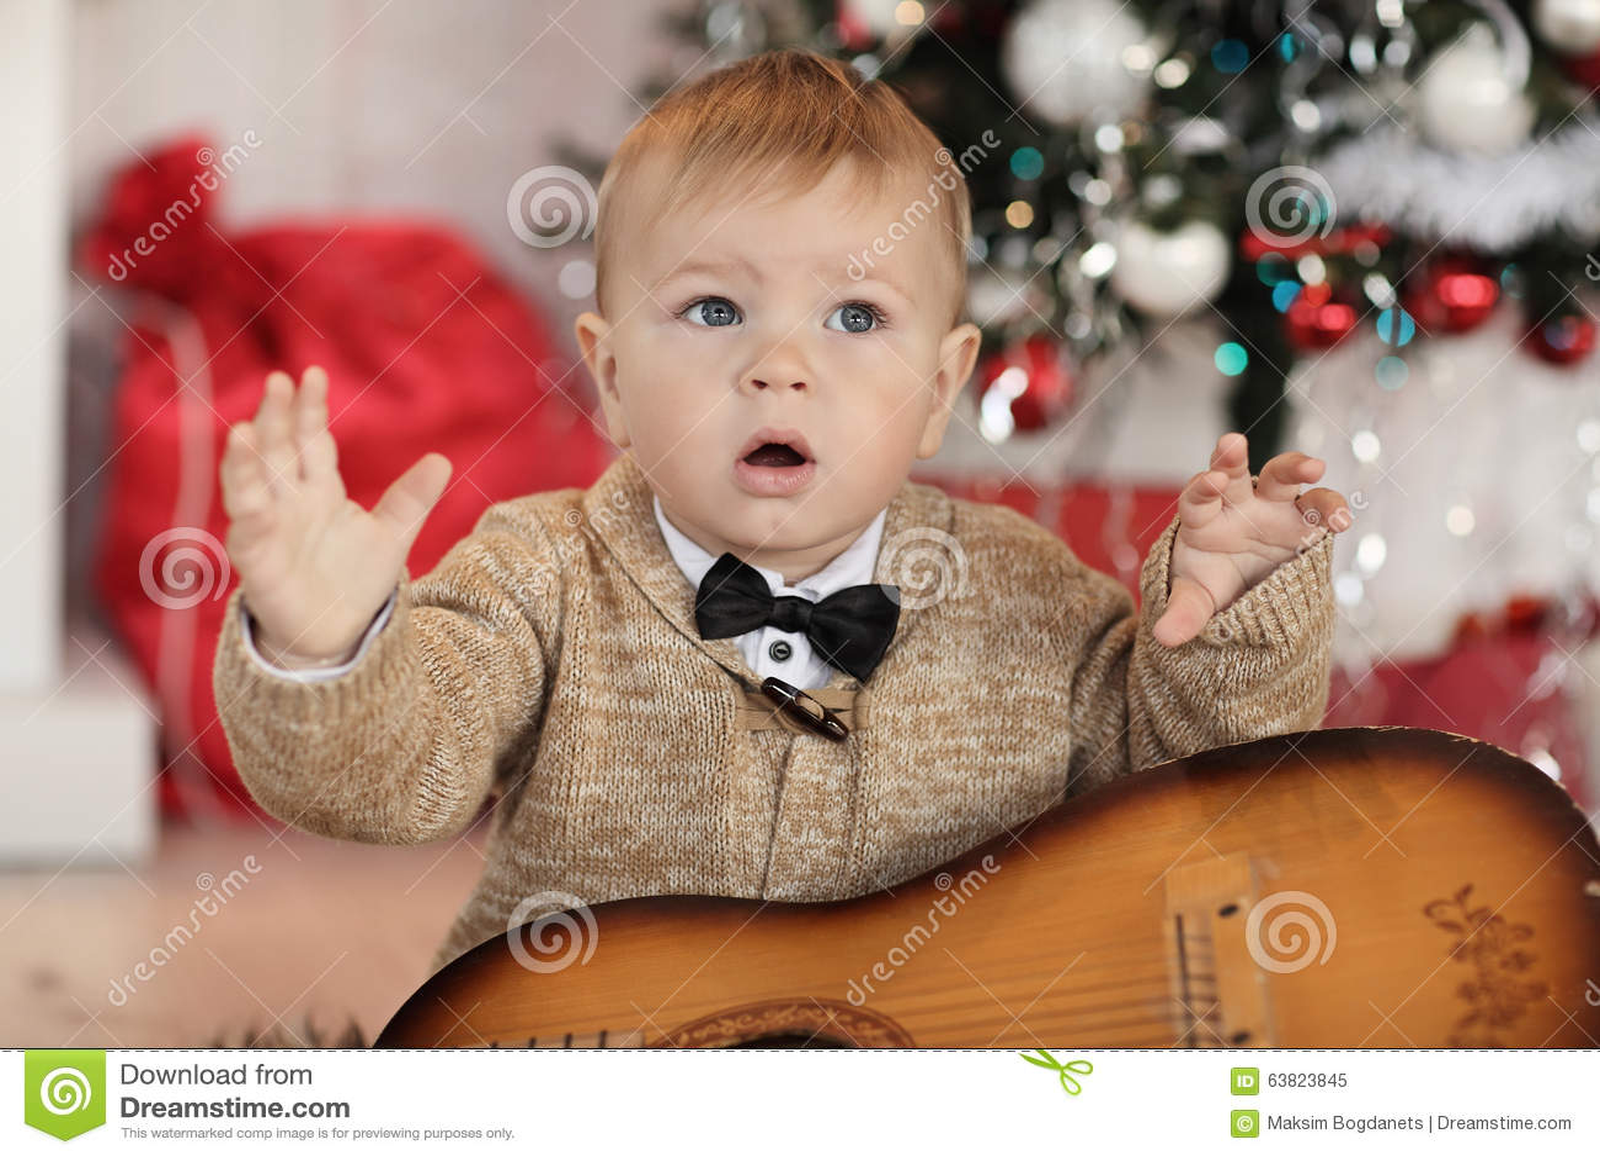 小男孩�yg����XG�����_plaing与玩具的小男孩在火地方演播室附近.